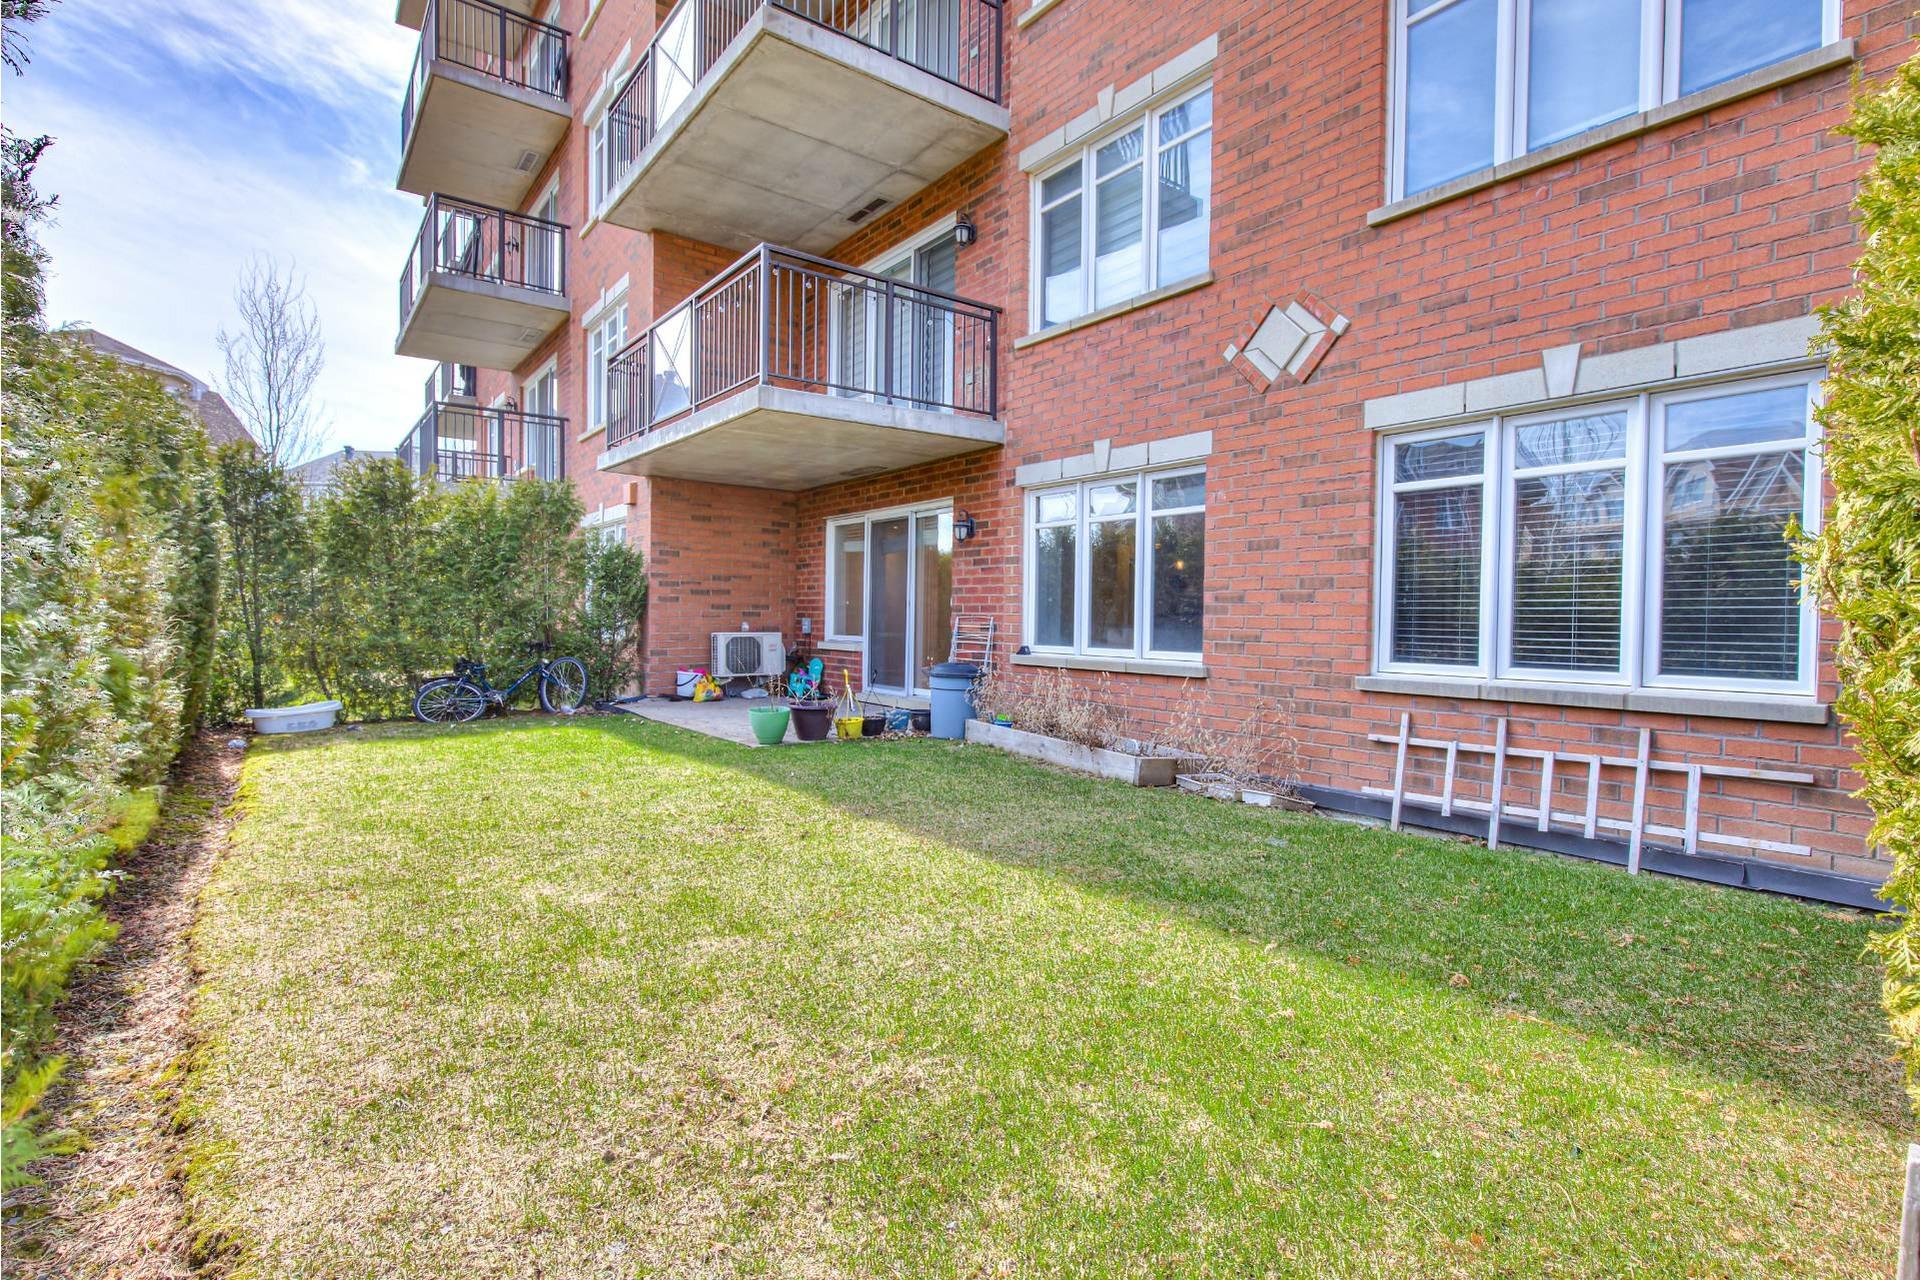 image 17 - Apartment For sale Saint-Laurent Montréal  - 6 rooms